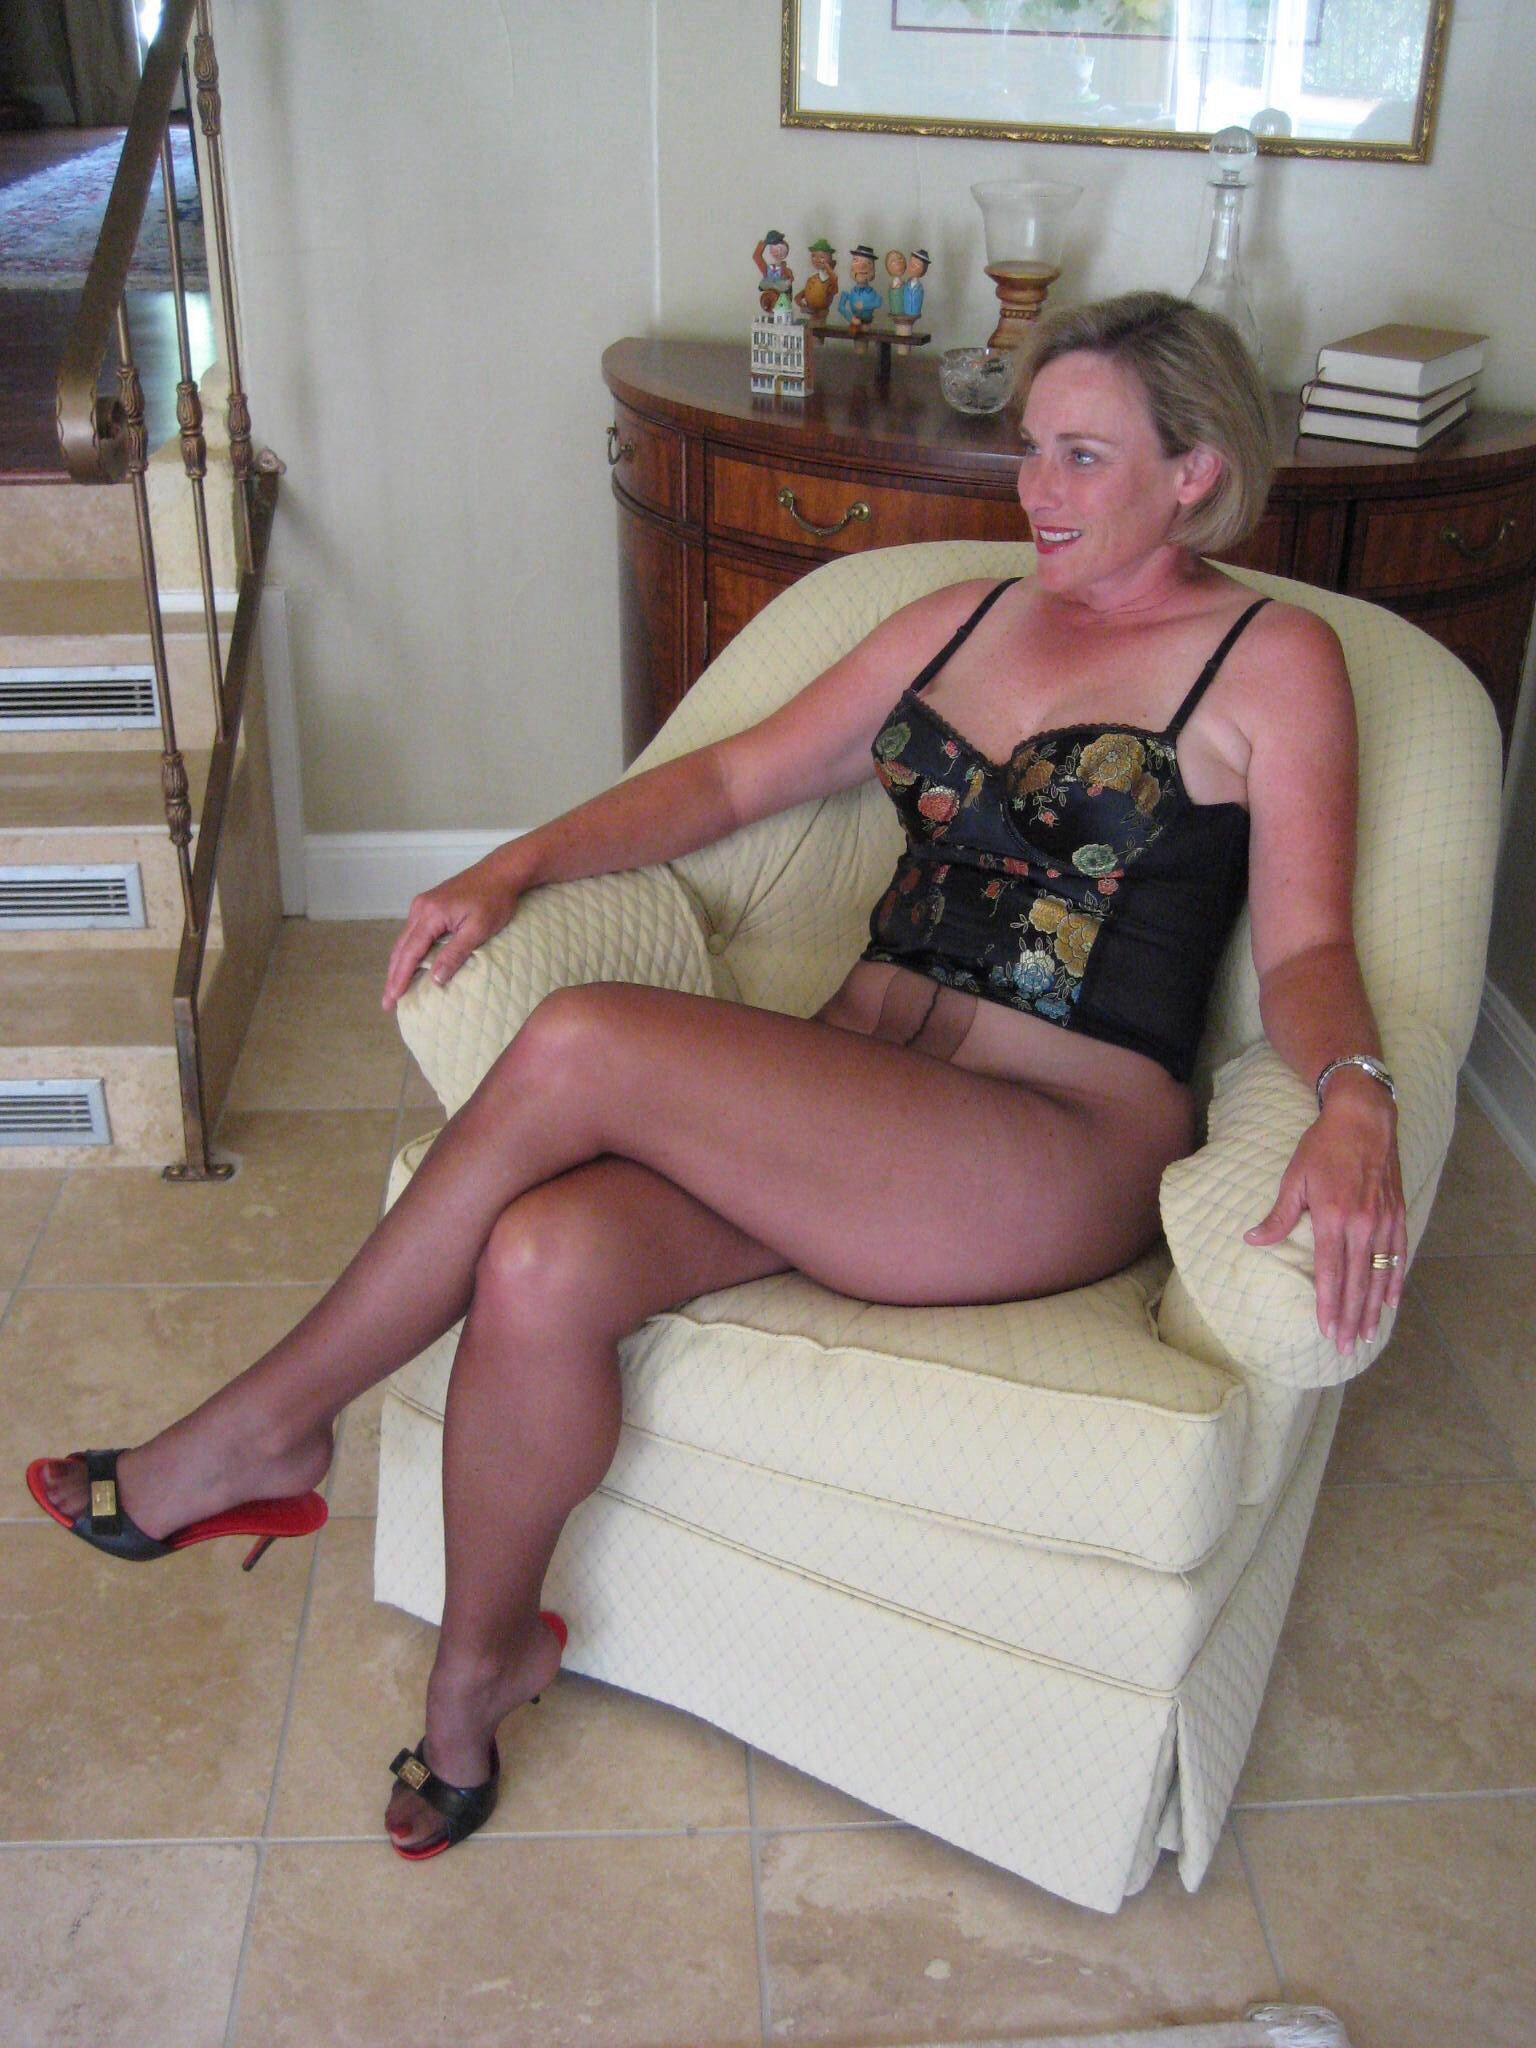 Lori mrs l pantyhose